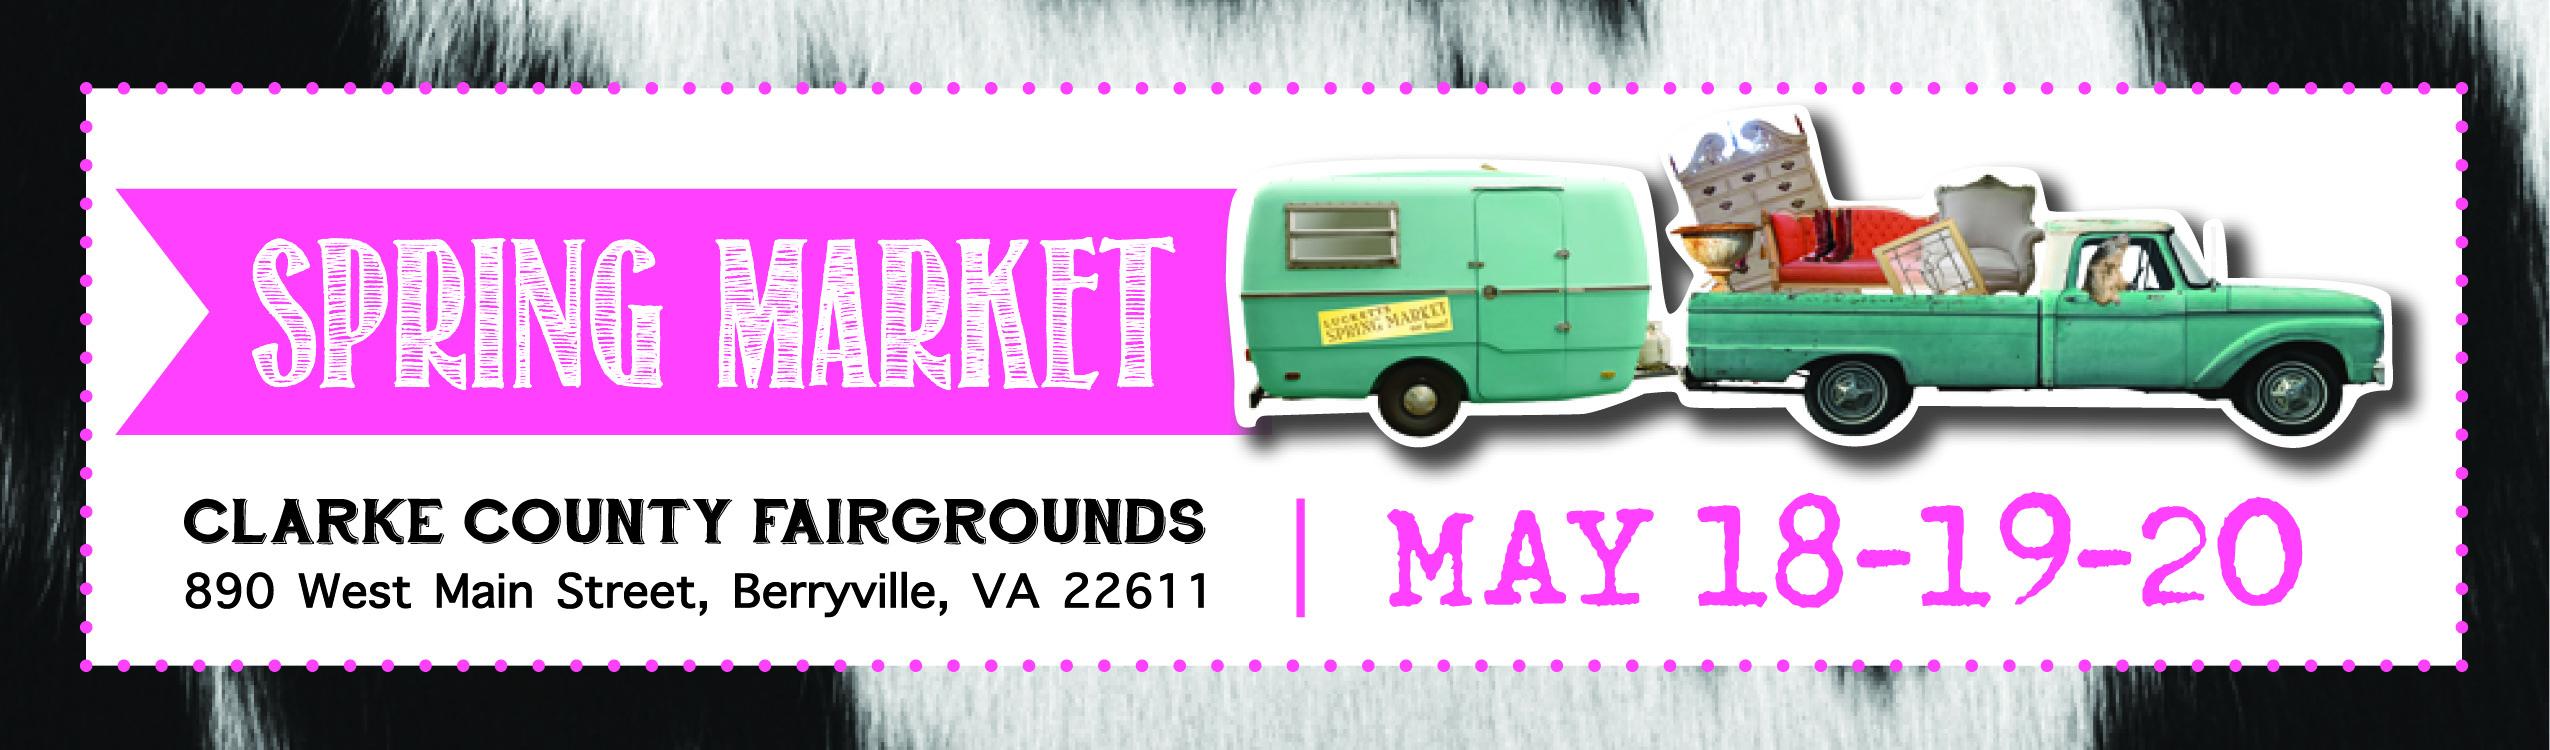 springmarket-frontpage-banner-1.jpg